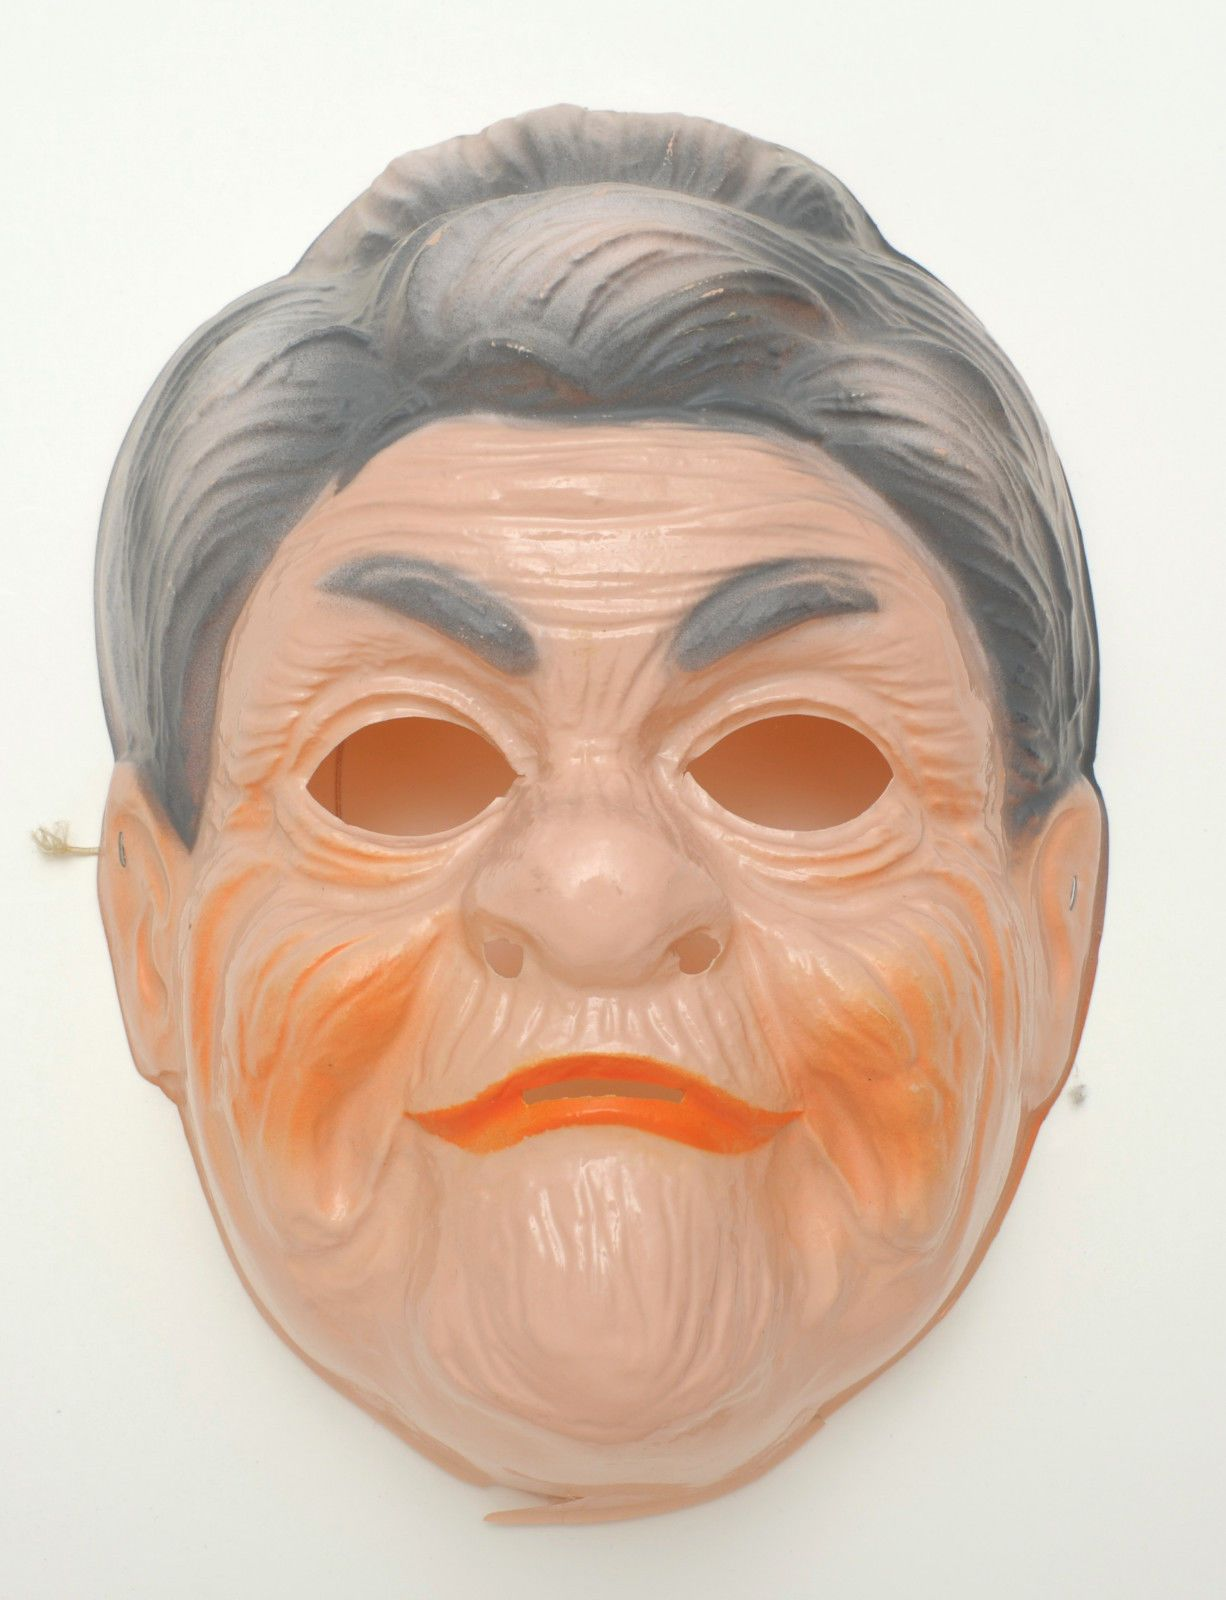 Old Woman Plastic Vintage Collegeville Ben Cooper Halloween Mask ...